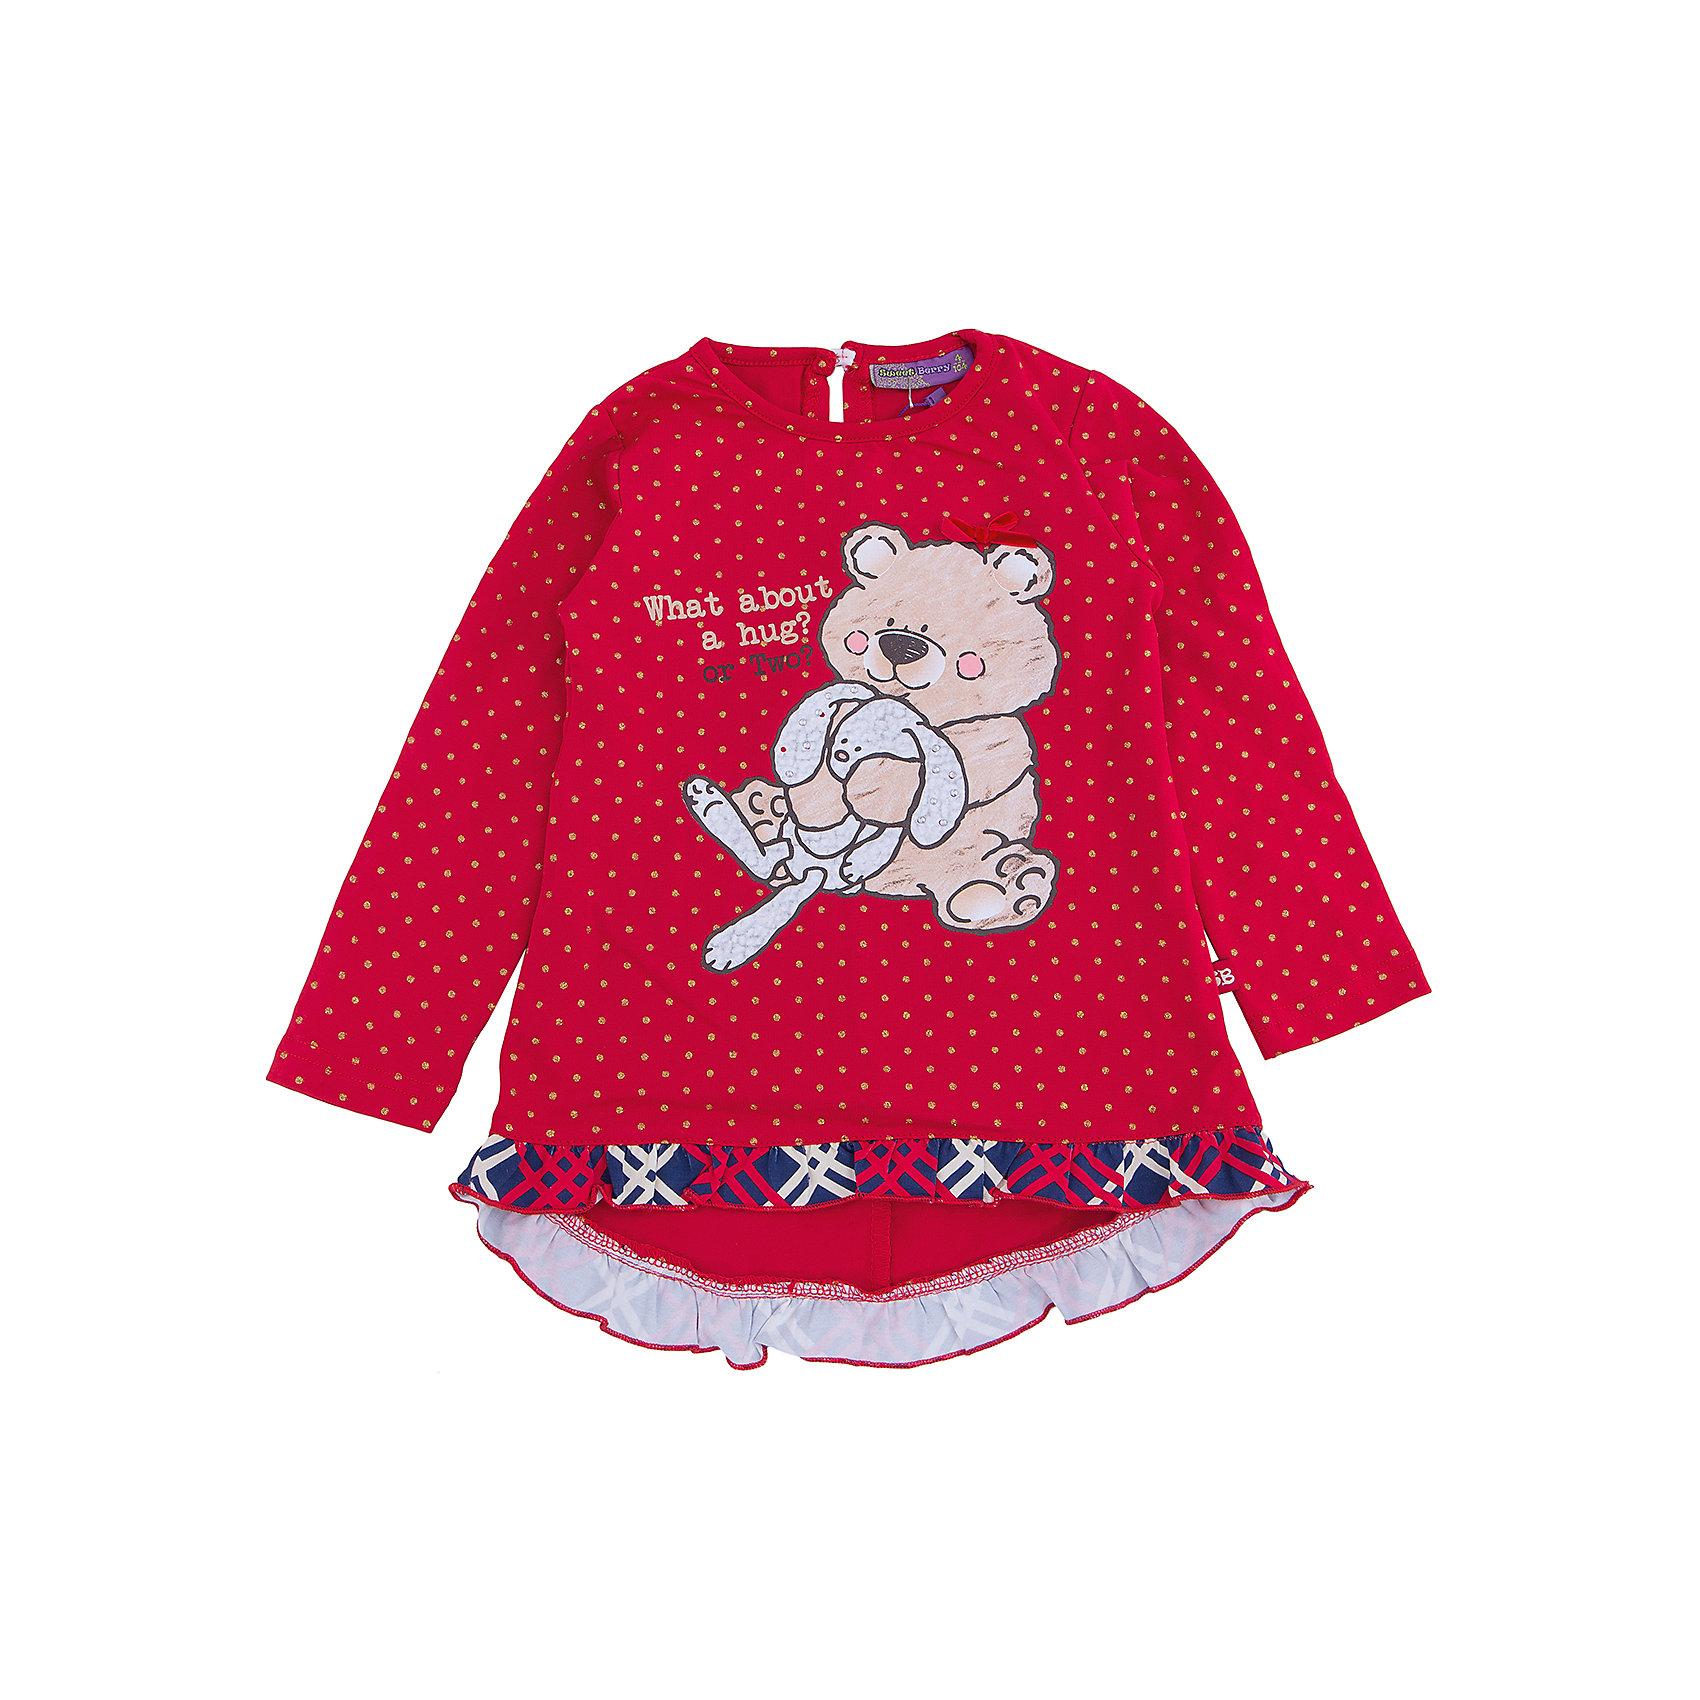 Футболка с длинным рукавом для девочки Sweet BerryФутболки с длинным рукавом<br>Очаровательная модная красная футболка с длинным рукавом станет оригинальным дополнением гардероба девочки. Модель изготовлена из мягкой и приятной к телу трикотажной ткани, которая прекрасно вентилируется и идеально подходит для детей. Для того, чтобы изделие не теряло форму, в состав добавлено небольшое количество эластана. Футболка с длинными рукавами имеет овальный вырез горловины, обработанный трикотажным кантом. Продуманный крой изделия не стесняет движений ребенка, позволяя ему свободно двигаться и играть в активные игры. Стильная футболка выполнена в приятном сочетании красного цвета и золотых паеток, на груди изображены мишка и зайка. По низу оборка из принтованного в клетку трикотажа.<br><br> Дополнительная информация:<br><br>- комплектация: футболка с длинным рукавом<br>- цвет: красный<br>- вид застежки: без застежки <br>- состав: 95% хлопок, 5% эластан <br>- уход за вещами: бережная стирка при t не более 40с<br>- рисунок: с рисунком<br>- назначение: повседневная<br>- сезон: осень-зима<br>- пол: девочки<br><br>Футболку с длинным рукавом  для девочки торговой марки Sweet Berry можно купить в нашем интернет-магазине<br><br>Ширина мм: 230<br>Глубина мм: 40<br>Высота мм: 220<br>Вес г: 250<br>Цвет: красный<br>Возраст от месяцев: 72<br>Возраст до месяцев: 84<br>Пол: Женский<br>Возраст: Детский<br>Размер: 122,104,98,110,116,128<br>SKU: 4929373